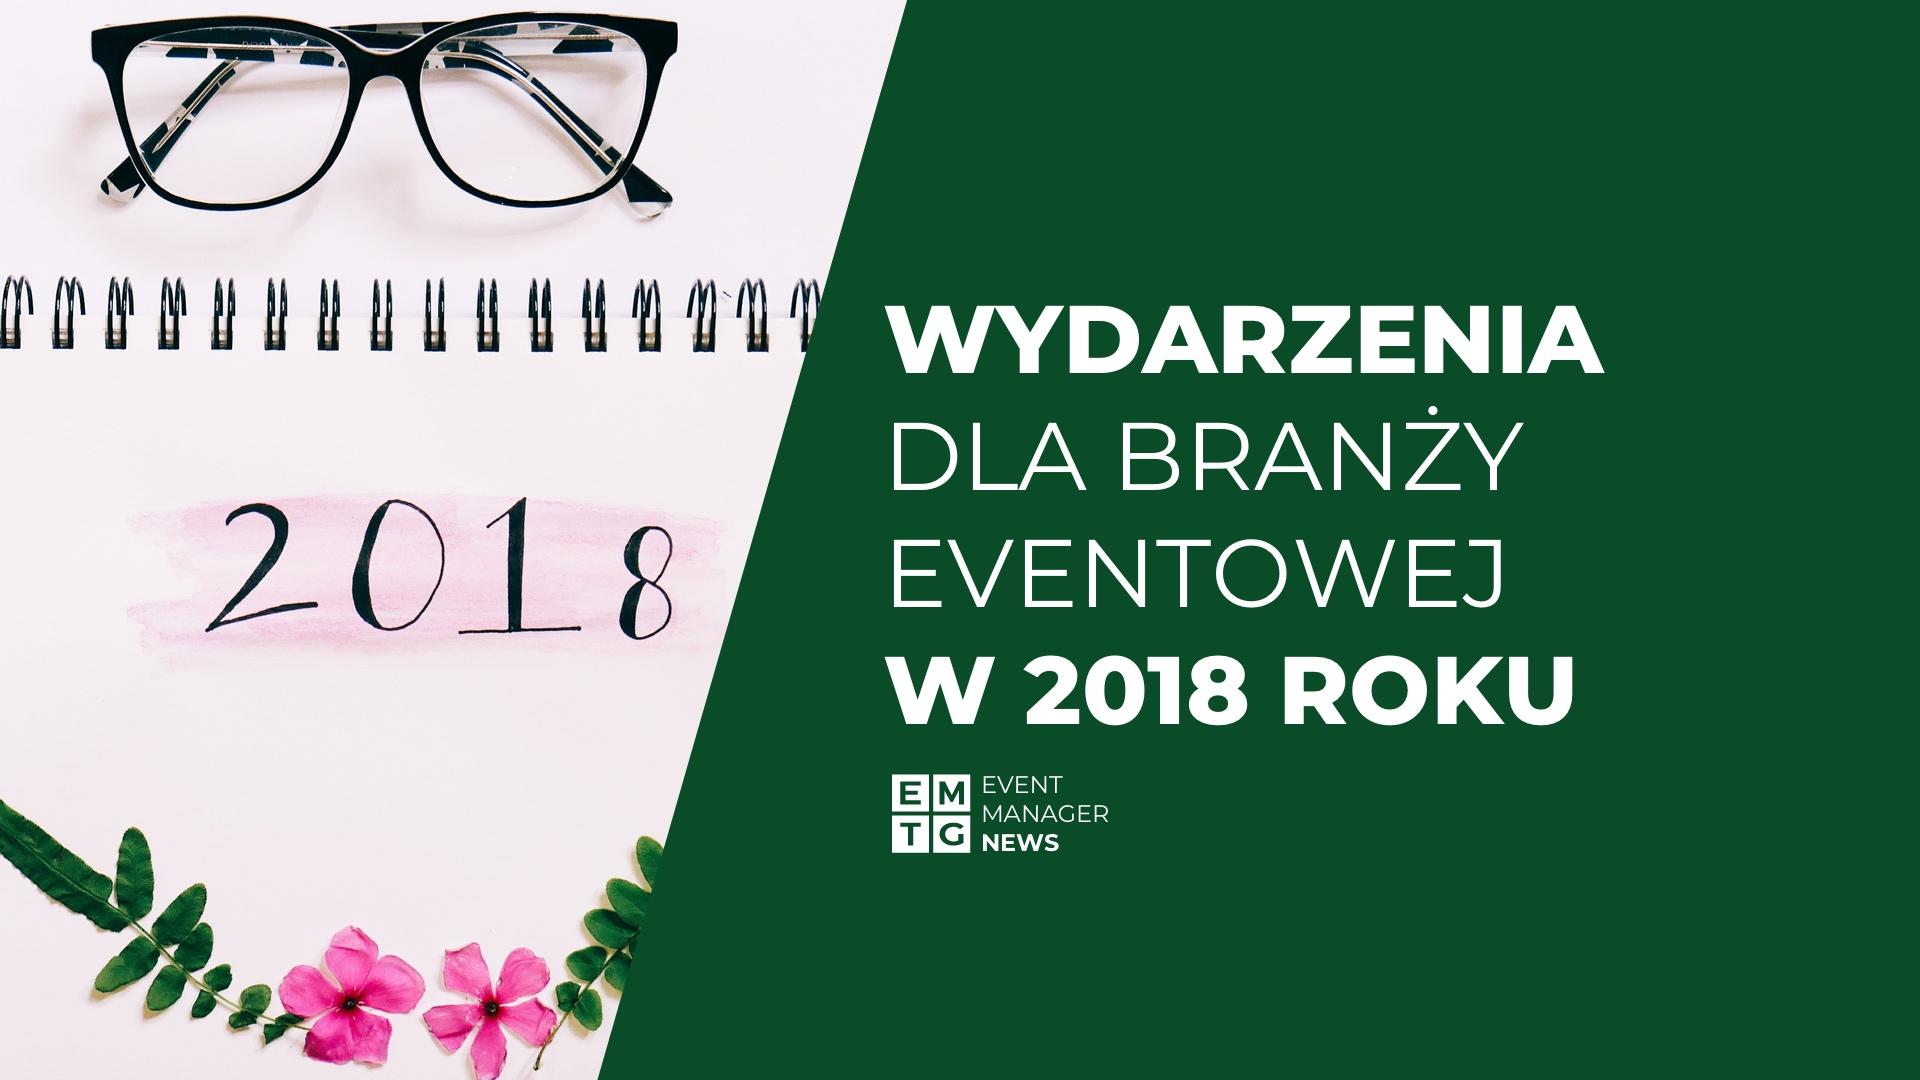 Lista i kalendarz wydarzeń dla branży eventowej i turystycznej 2018